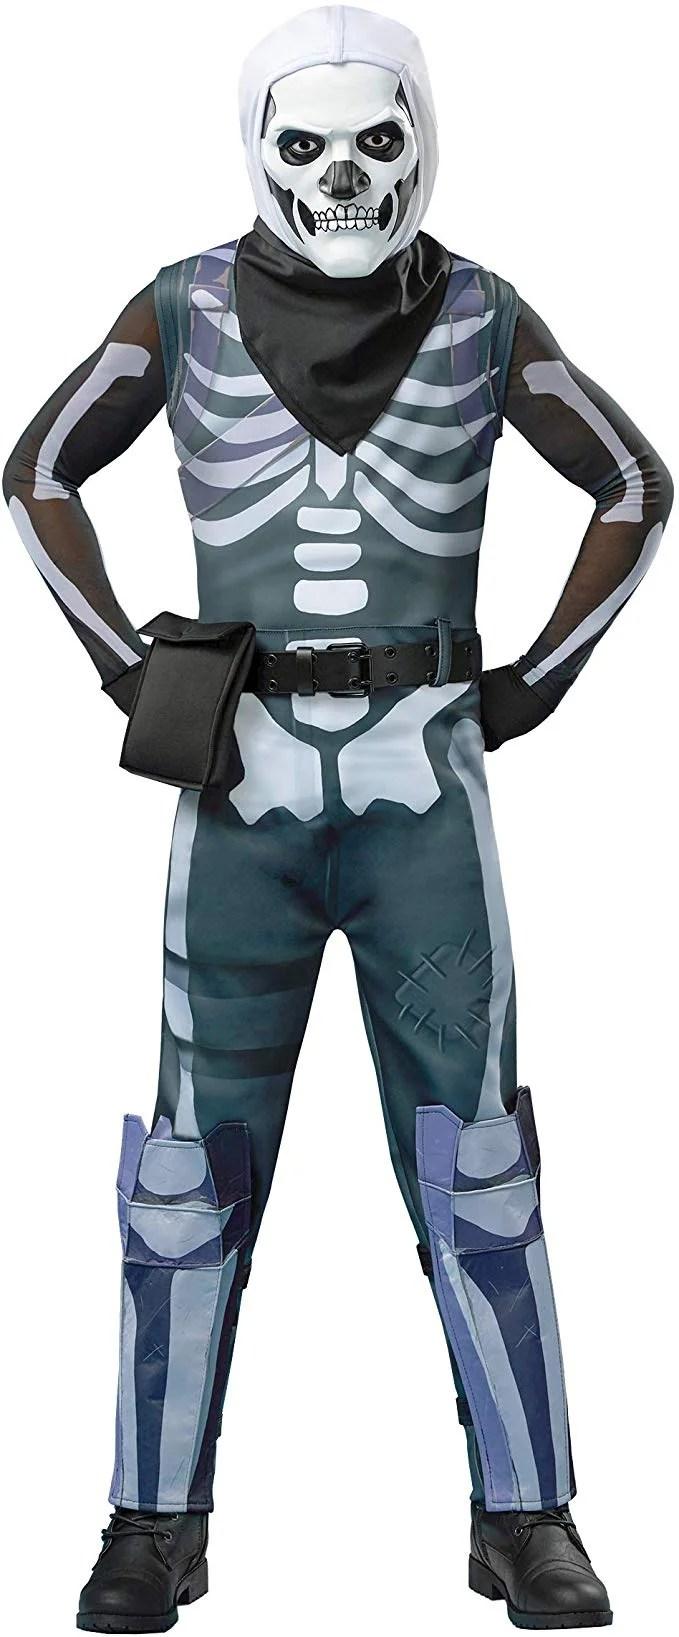 Obtenga estos disfraces de Halloween Fortnite antes de que se vayan 3